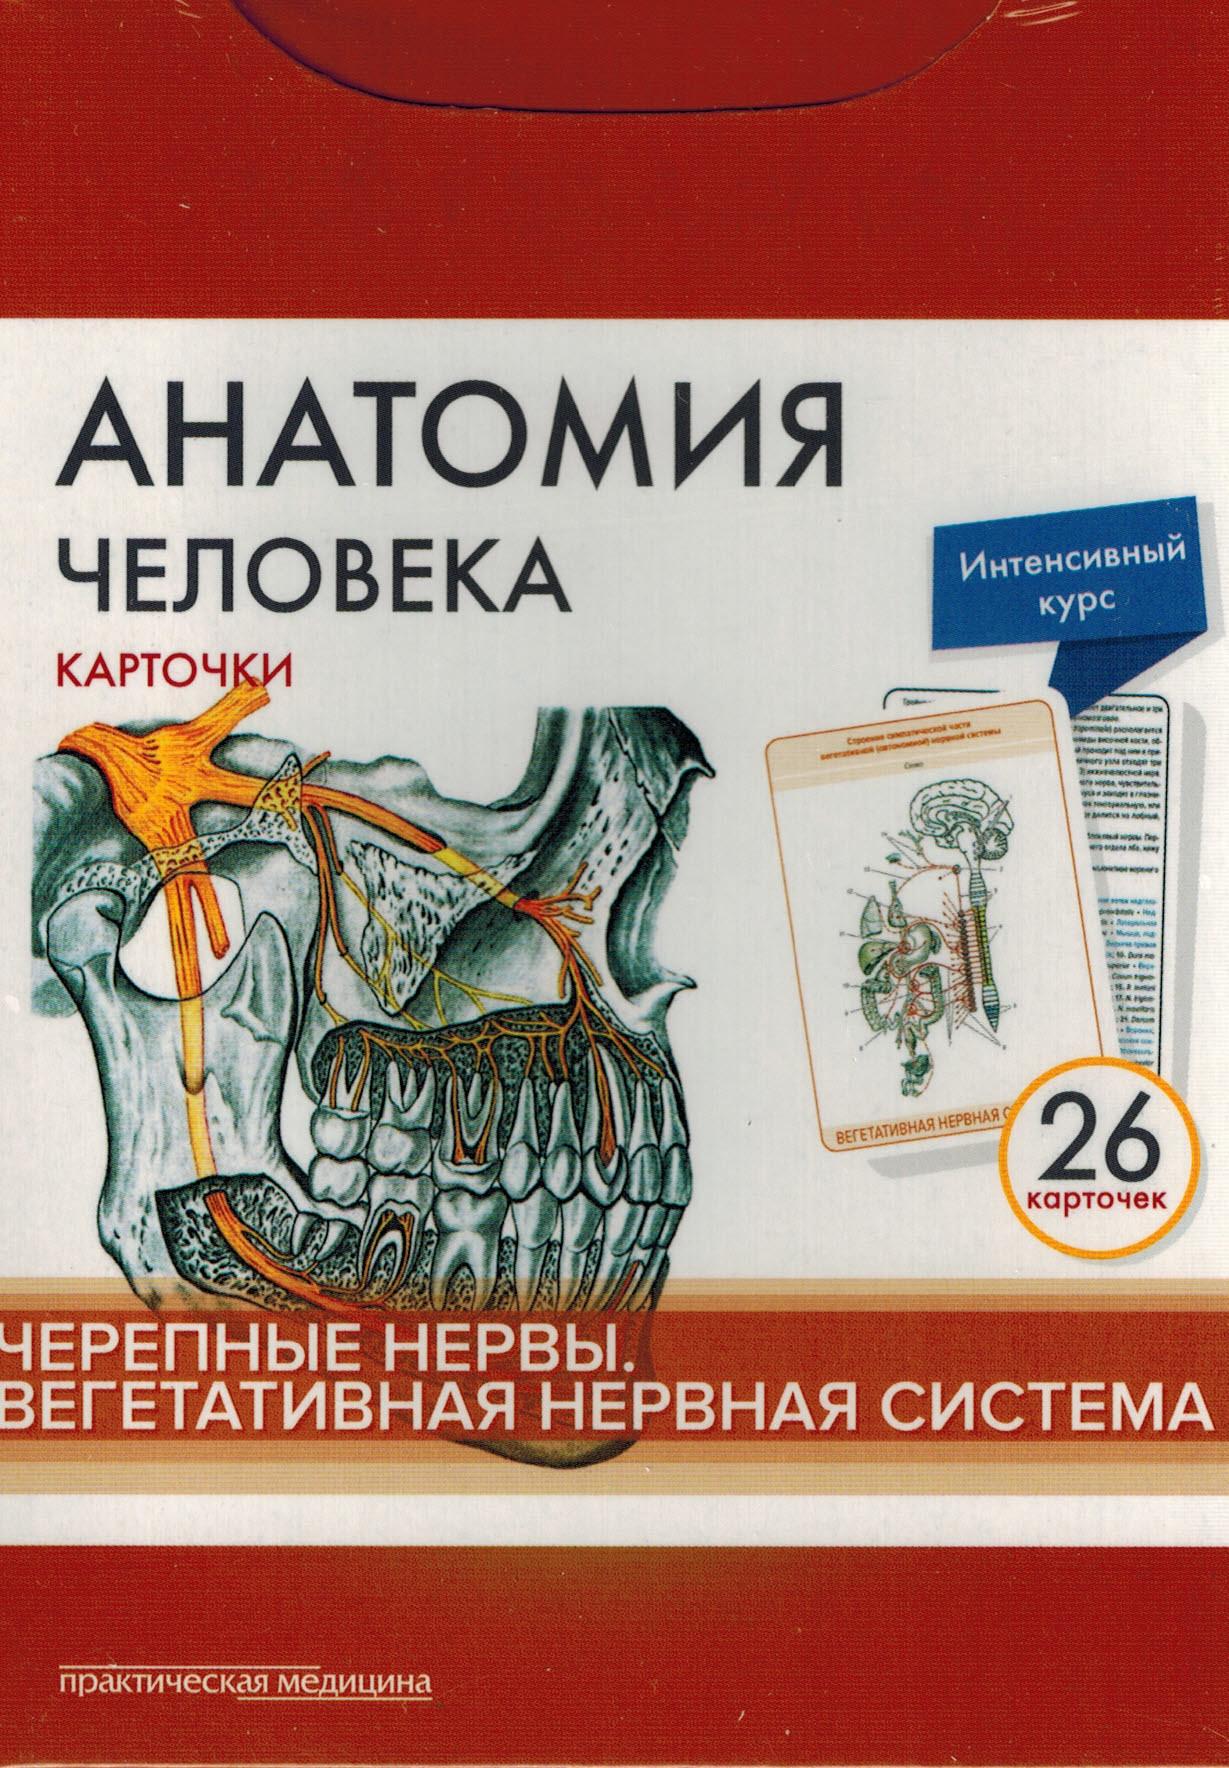 Каталог Анатомия человека: карточки (26 шт). Черепные нервы. Вегетативная нервная система kart1.jpg